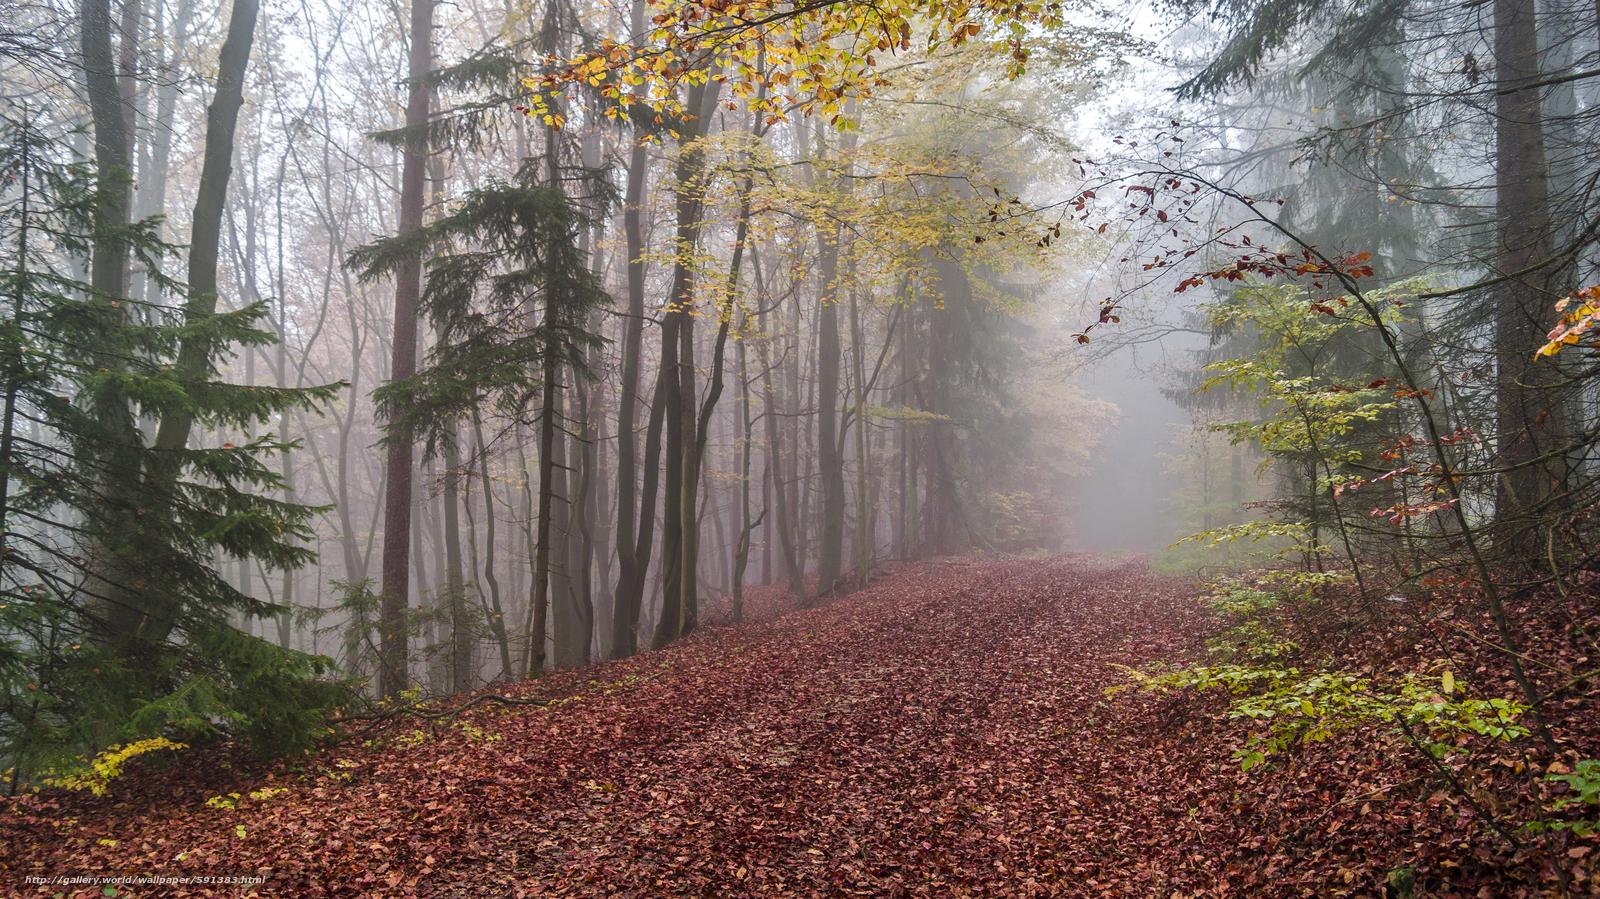 Скачать обои осень,  дорога,  деревья,  туман бесплатно для рабочего стола в разрешении 4912x2760 — картинка №591383